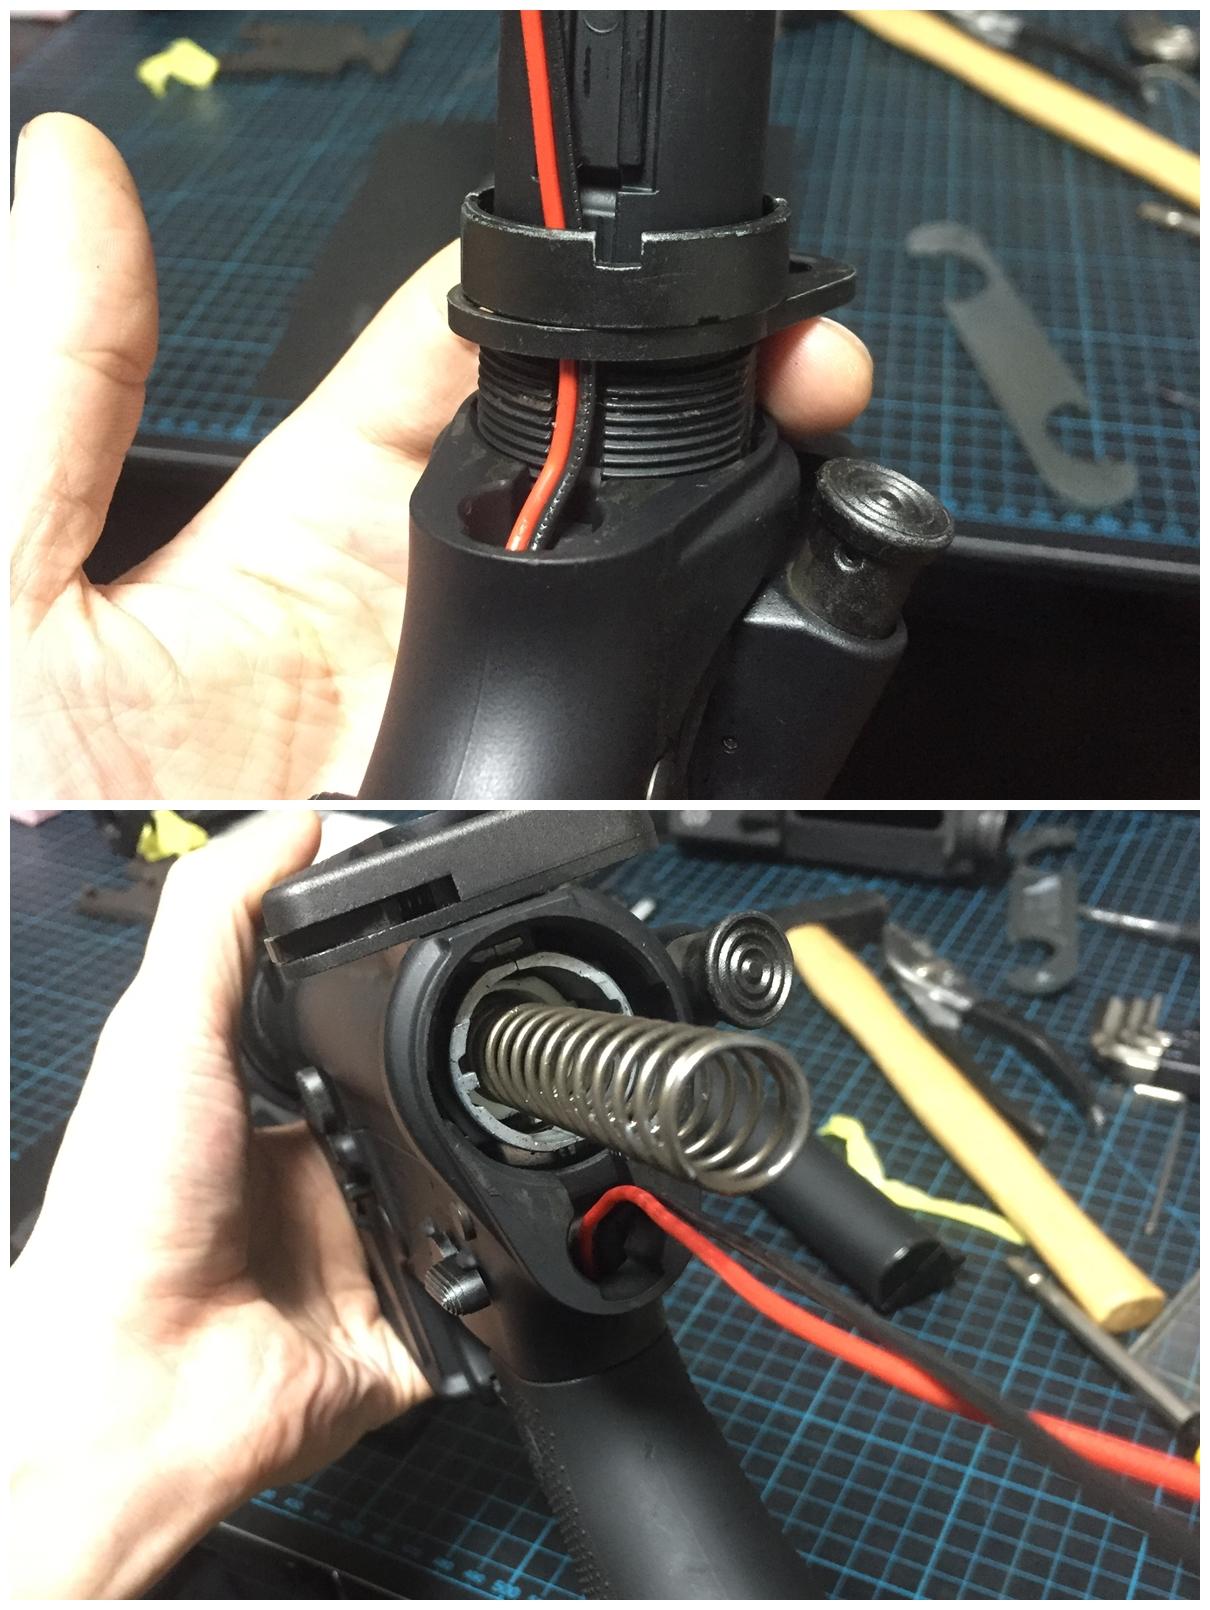 12取付 次世代 M4 NOVESKE QD Bum Ble Bee バンブルビー スリング エンドプレート アダプター 取付 レビュー